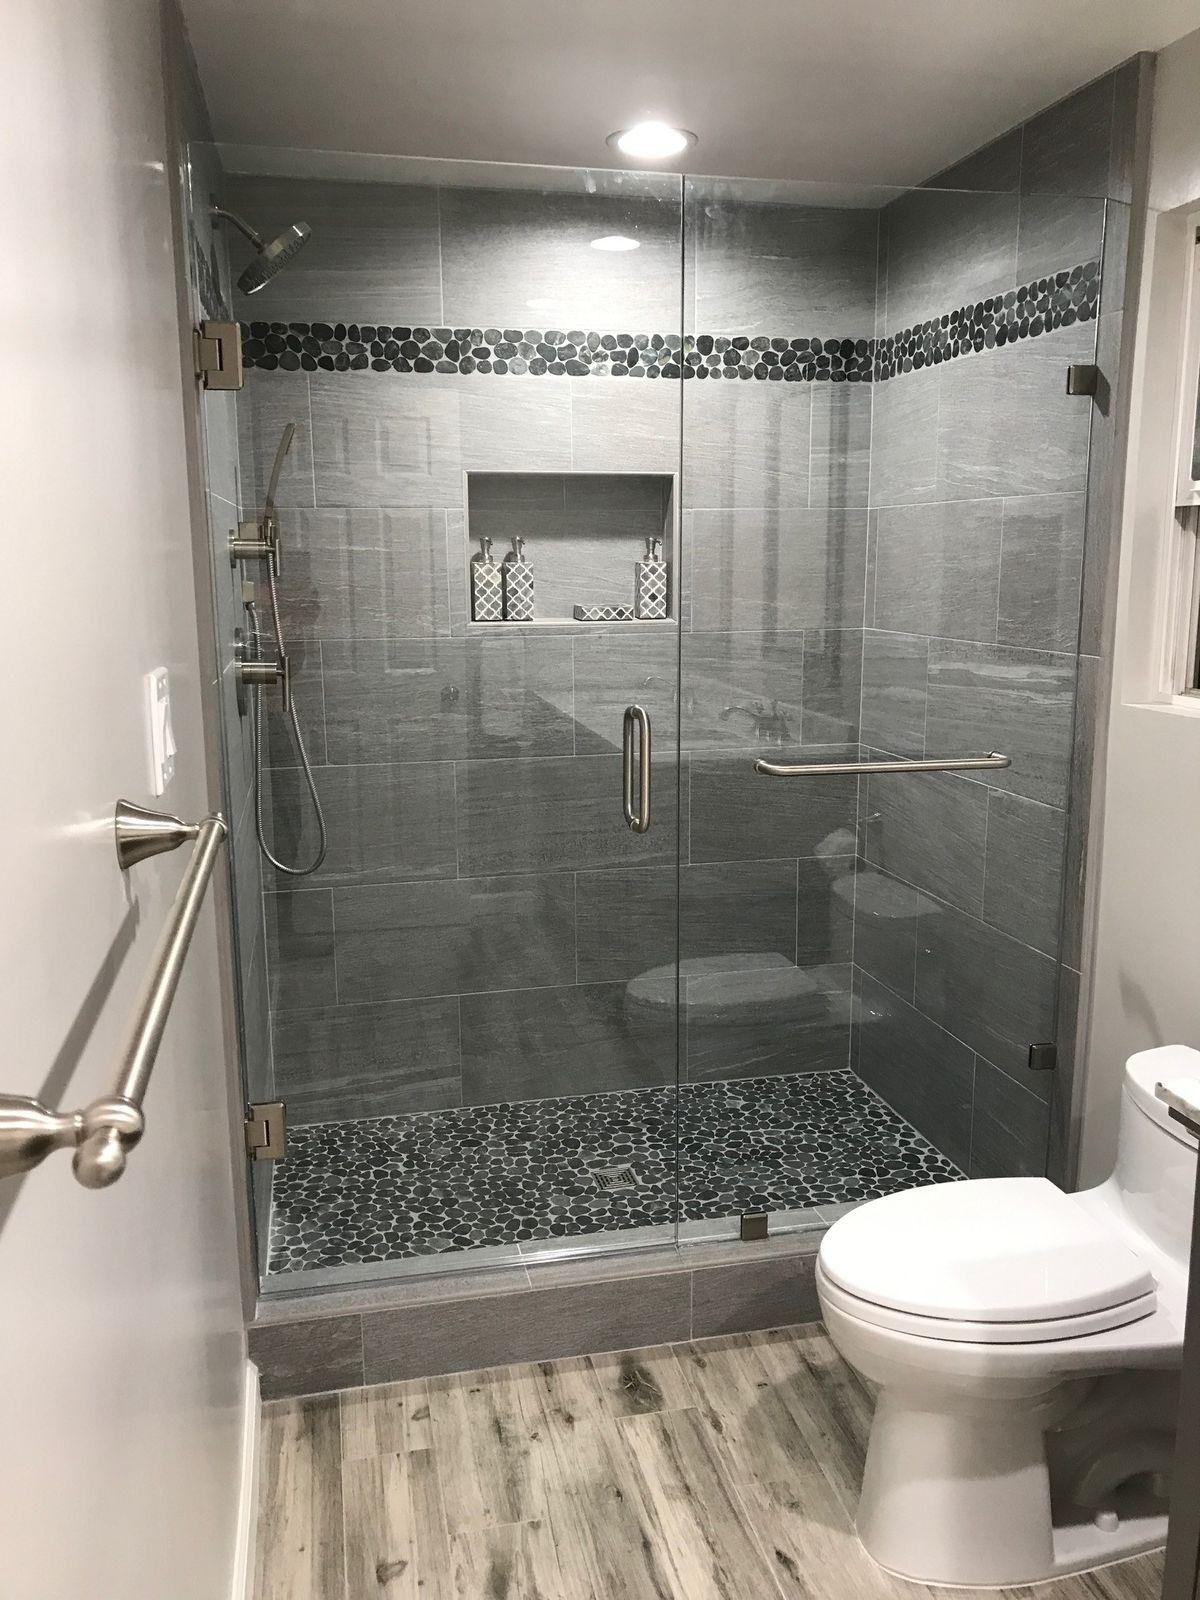 ديكور حمامات مودرن تنفيذ ديكورات حمامات حديثة في جميع مناطق لبنان للتواصل الاتصال بالرقم 0096171170181ت Bathrooms Remodel Small Bathroom Small Bathroom Remodel